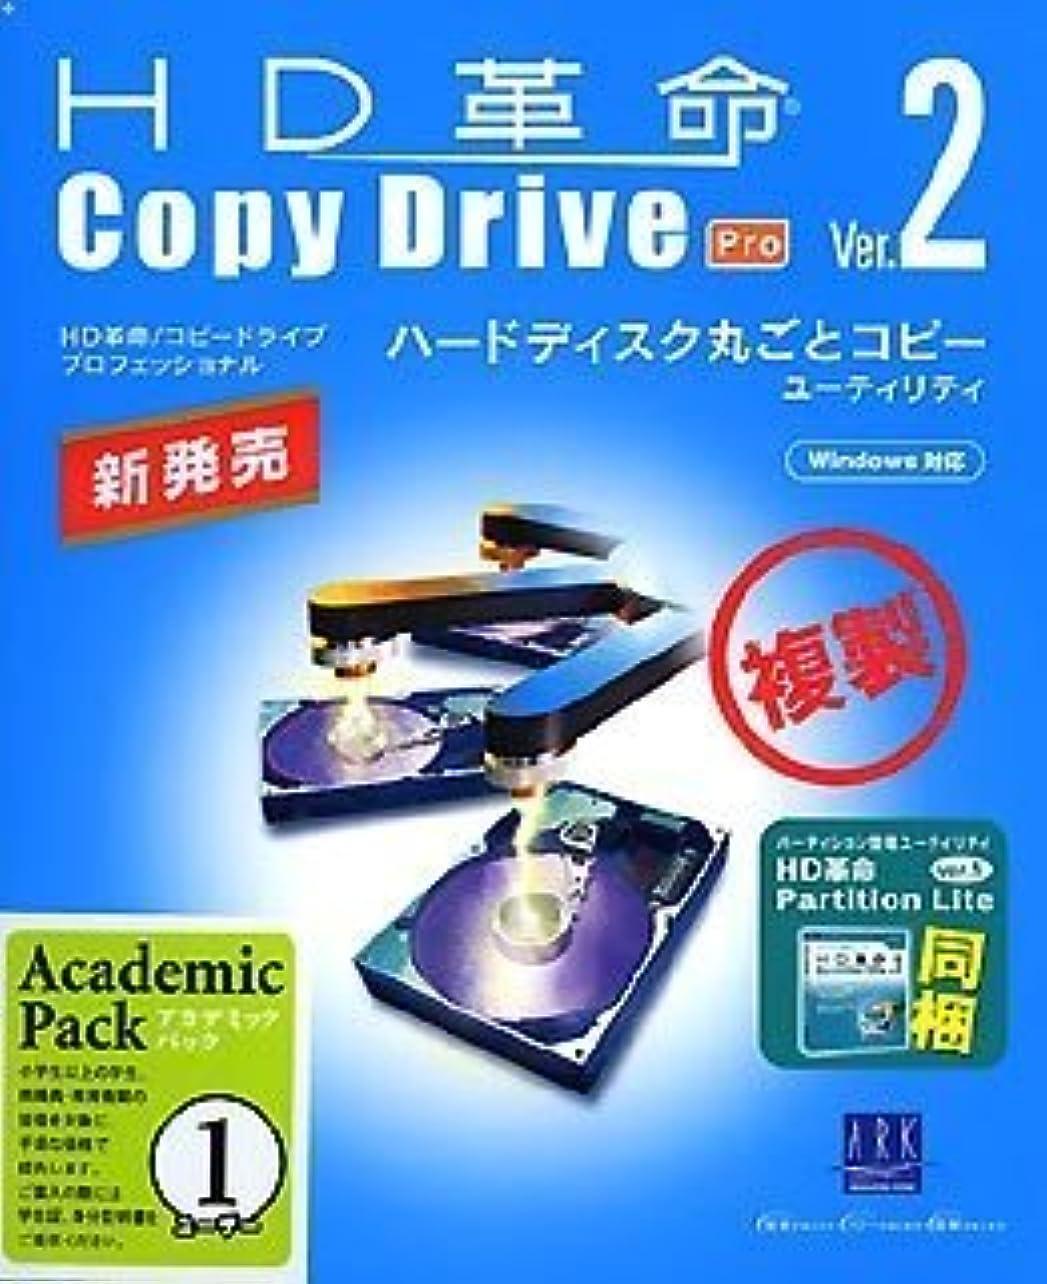 バストエゴマニアまばたきHD革命/CopyDrive Ver.2 Pro アカデミックパック 1ユーザー